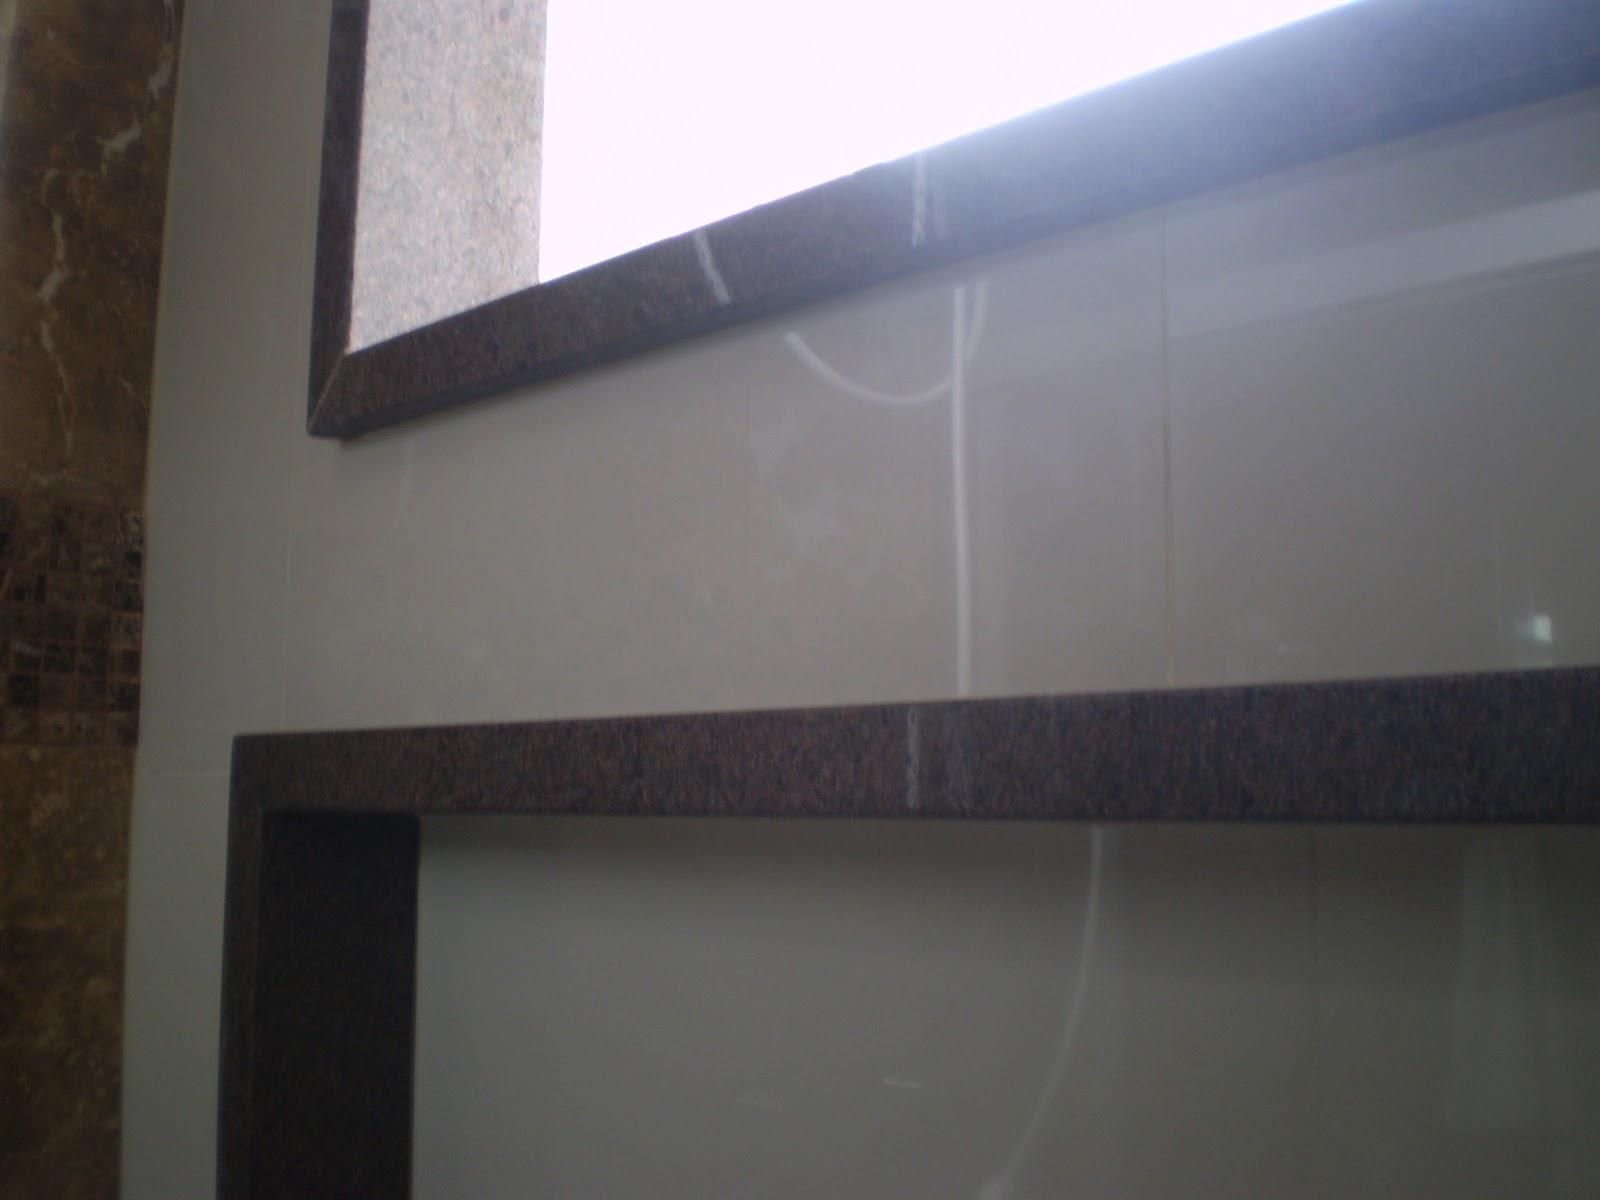 mesma pedra em todo o banheiro bancada roda pé nicho e janela em  #445787 1600 1200